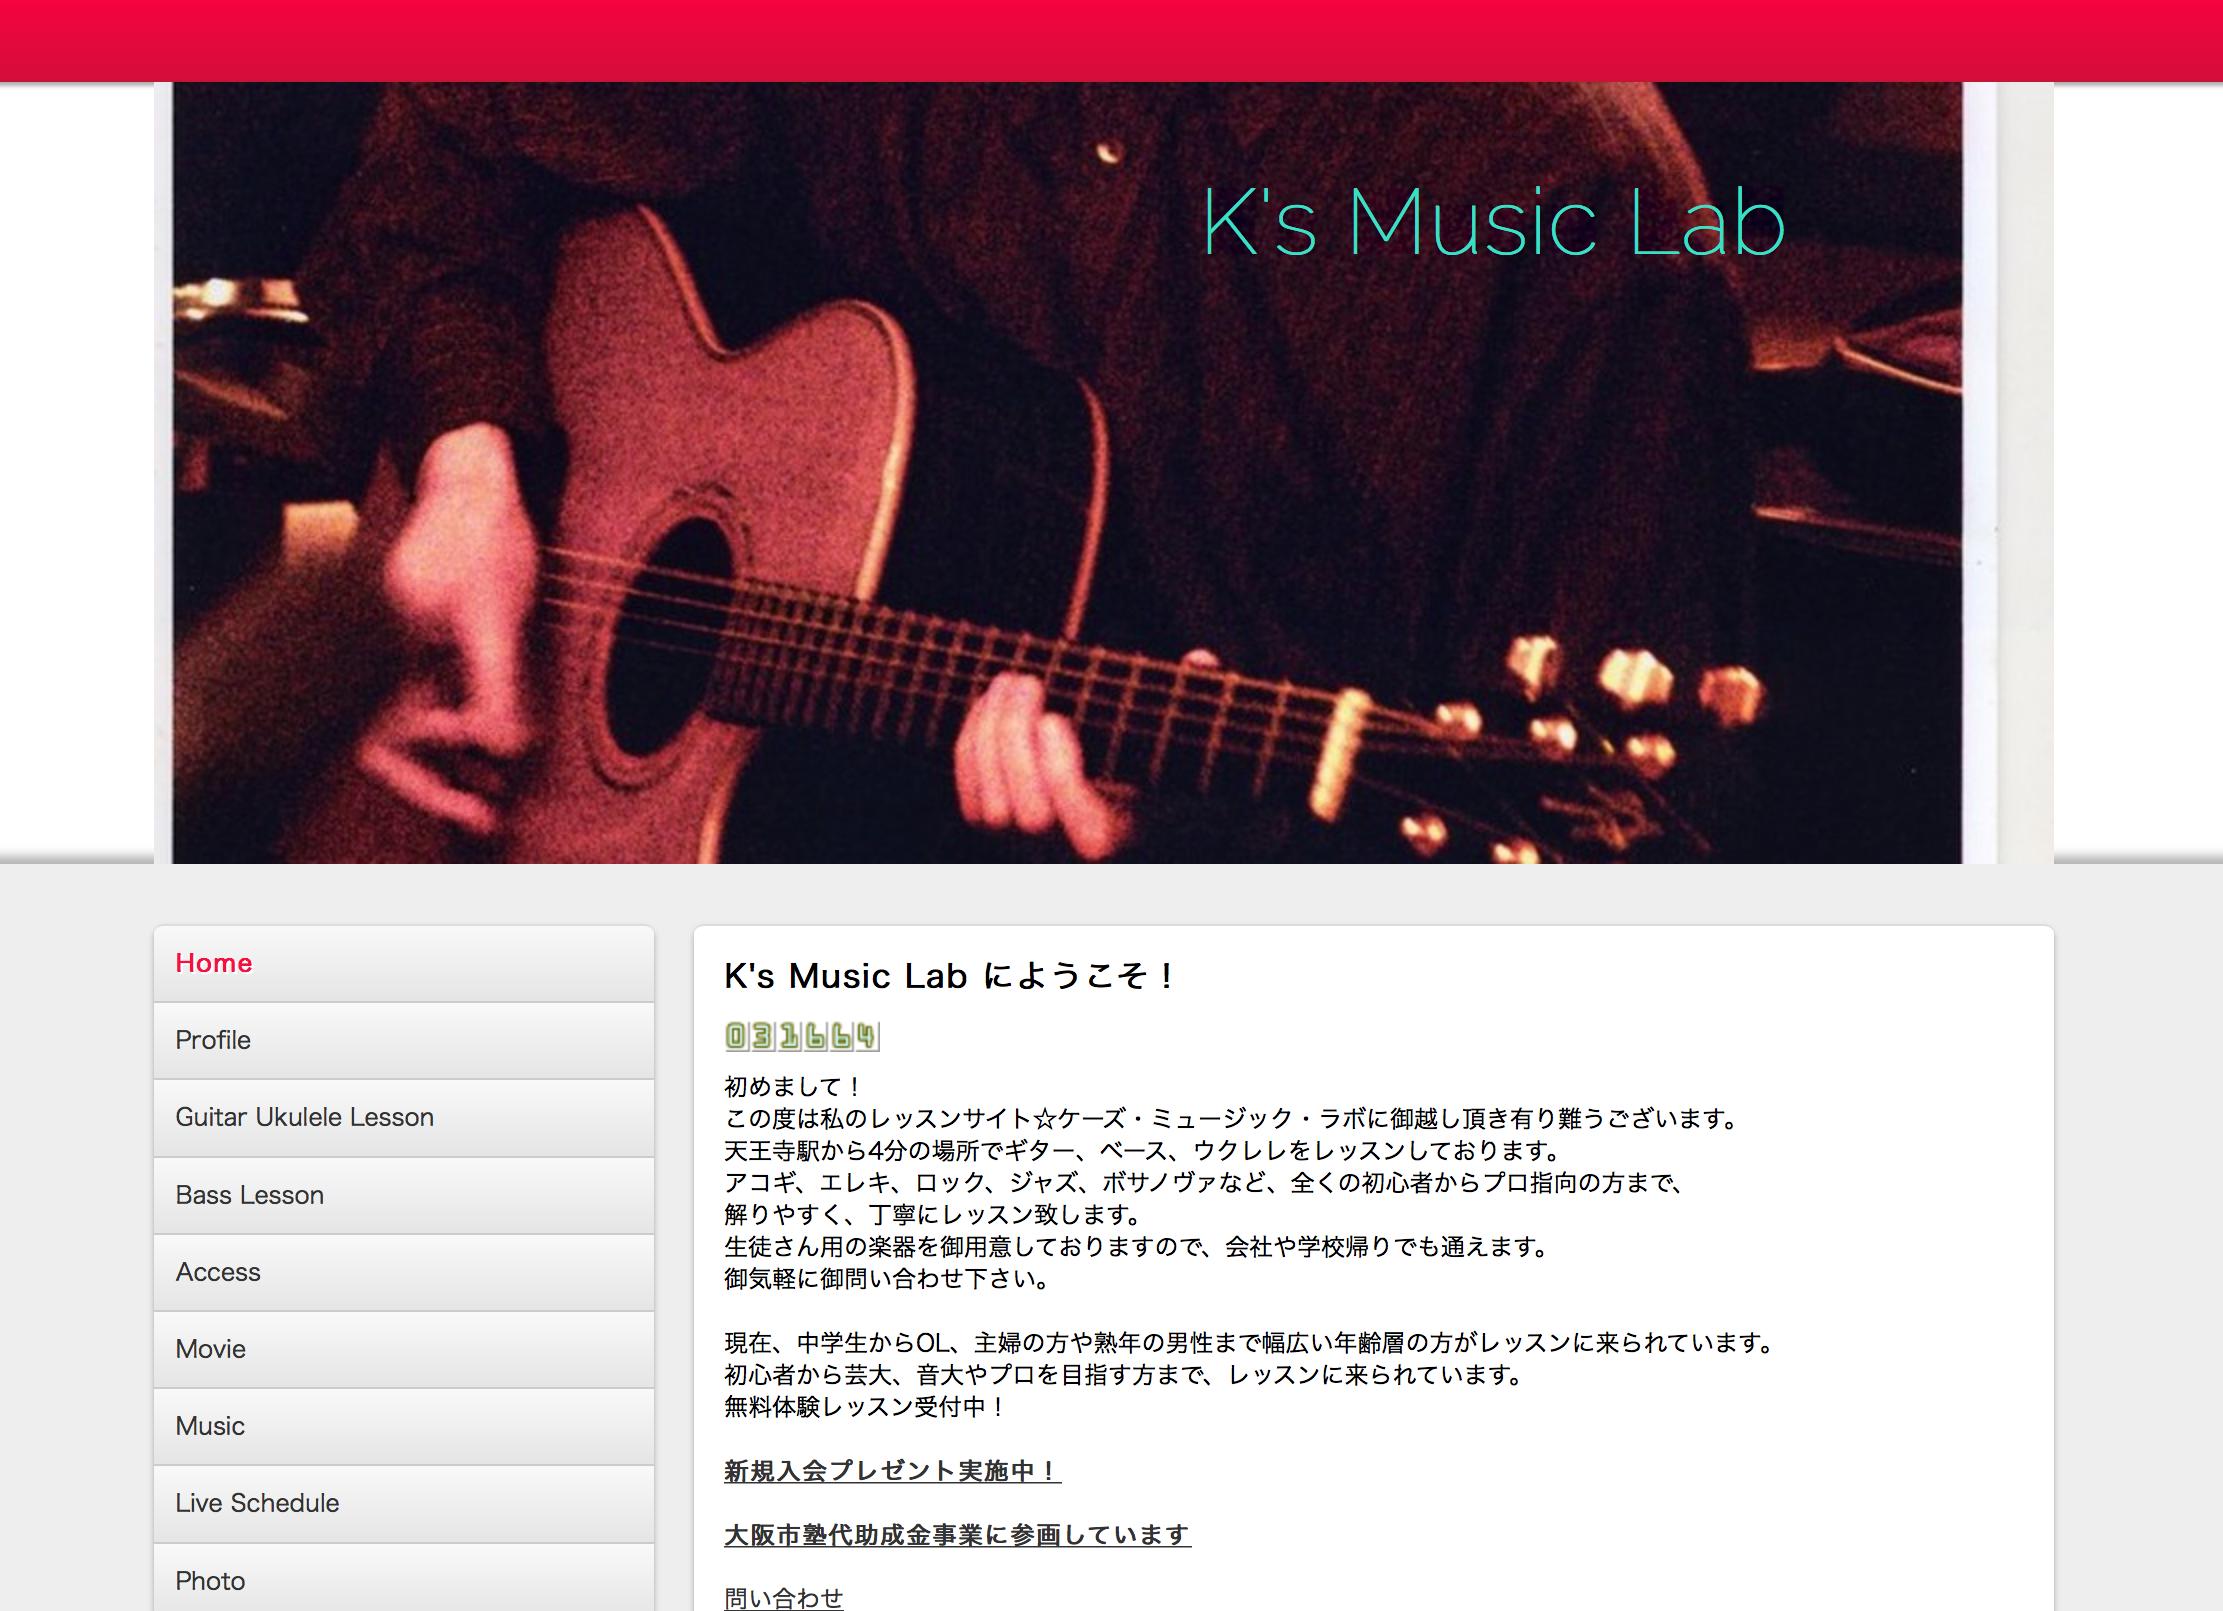 K's Music Lab